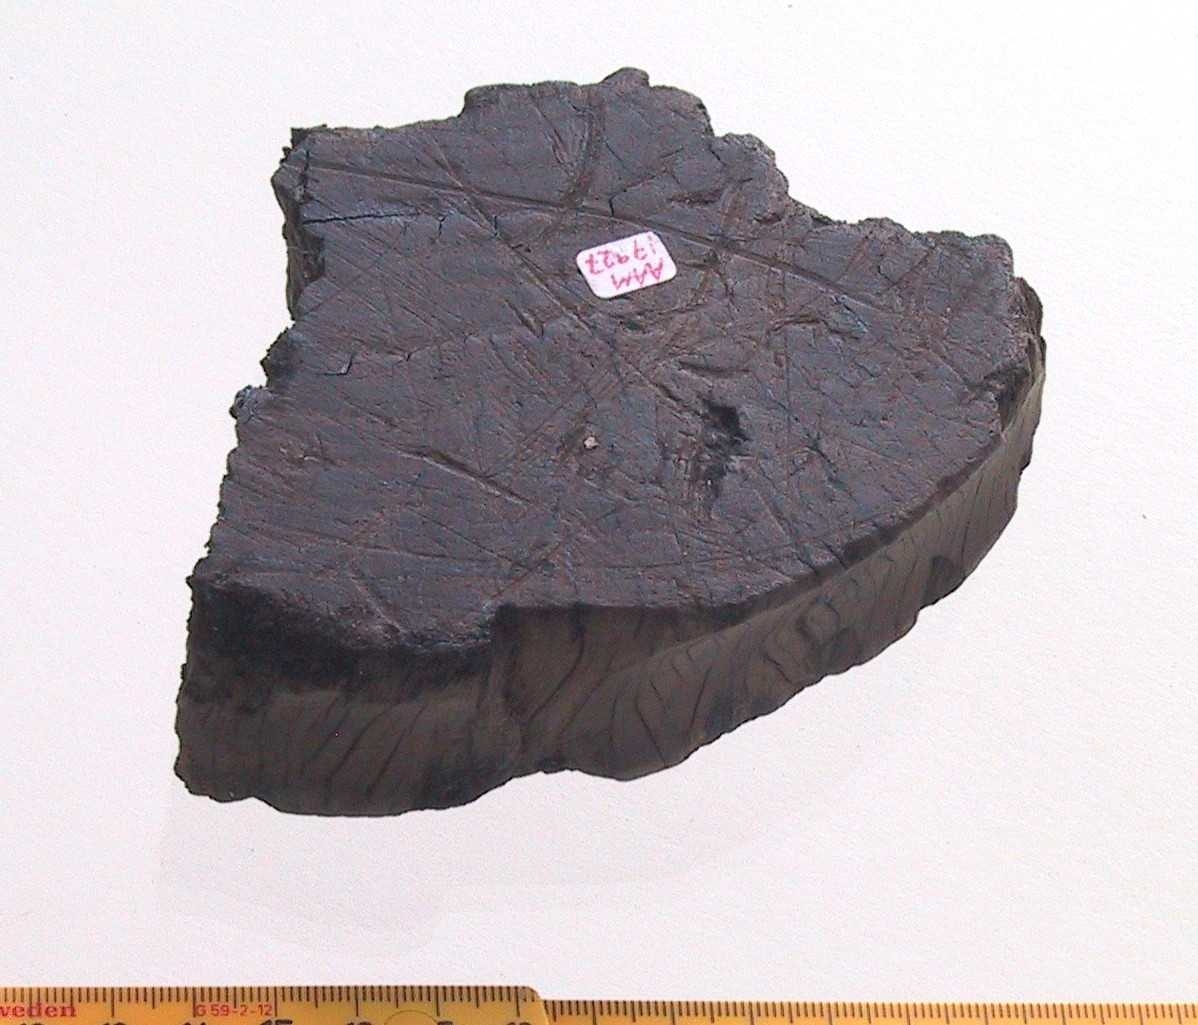 Blokkskive, dreid av pukkenholt. Mørk farge. Tilstand: Kun et fragment, omlag 1/4 del av opprinnelig størrelse.